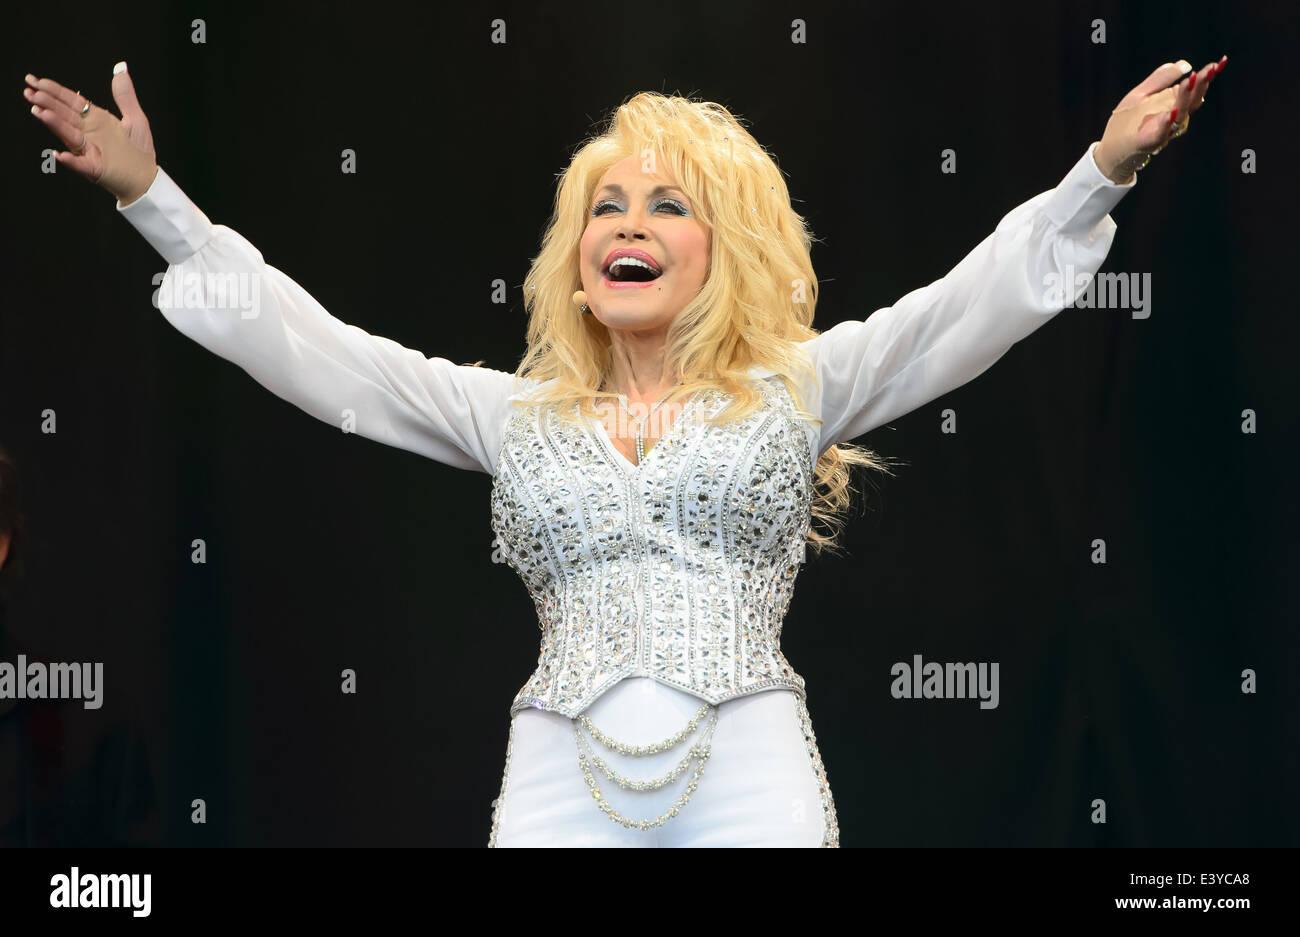 Dolly Parton actúa en el festival de música de Glastonbury, Inglaterra, el domingo, 29 de junio de 2014. Imagen De Stock